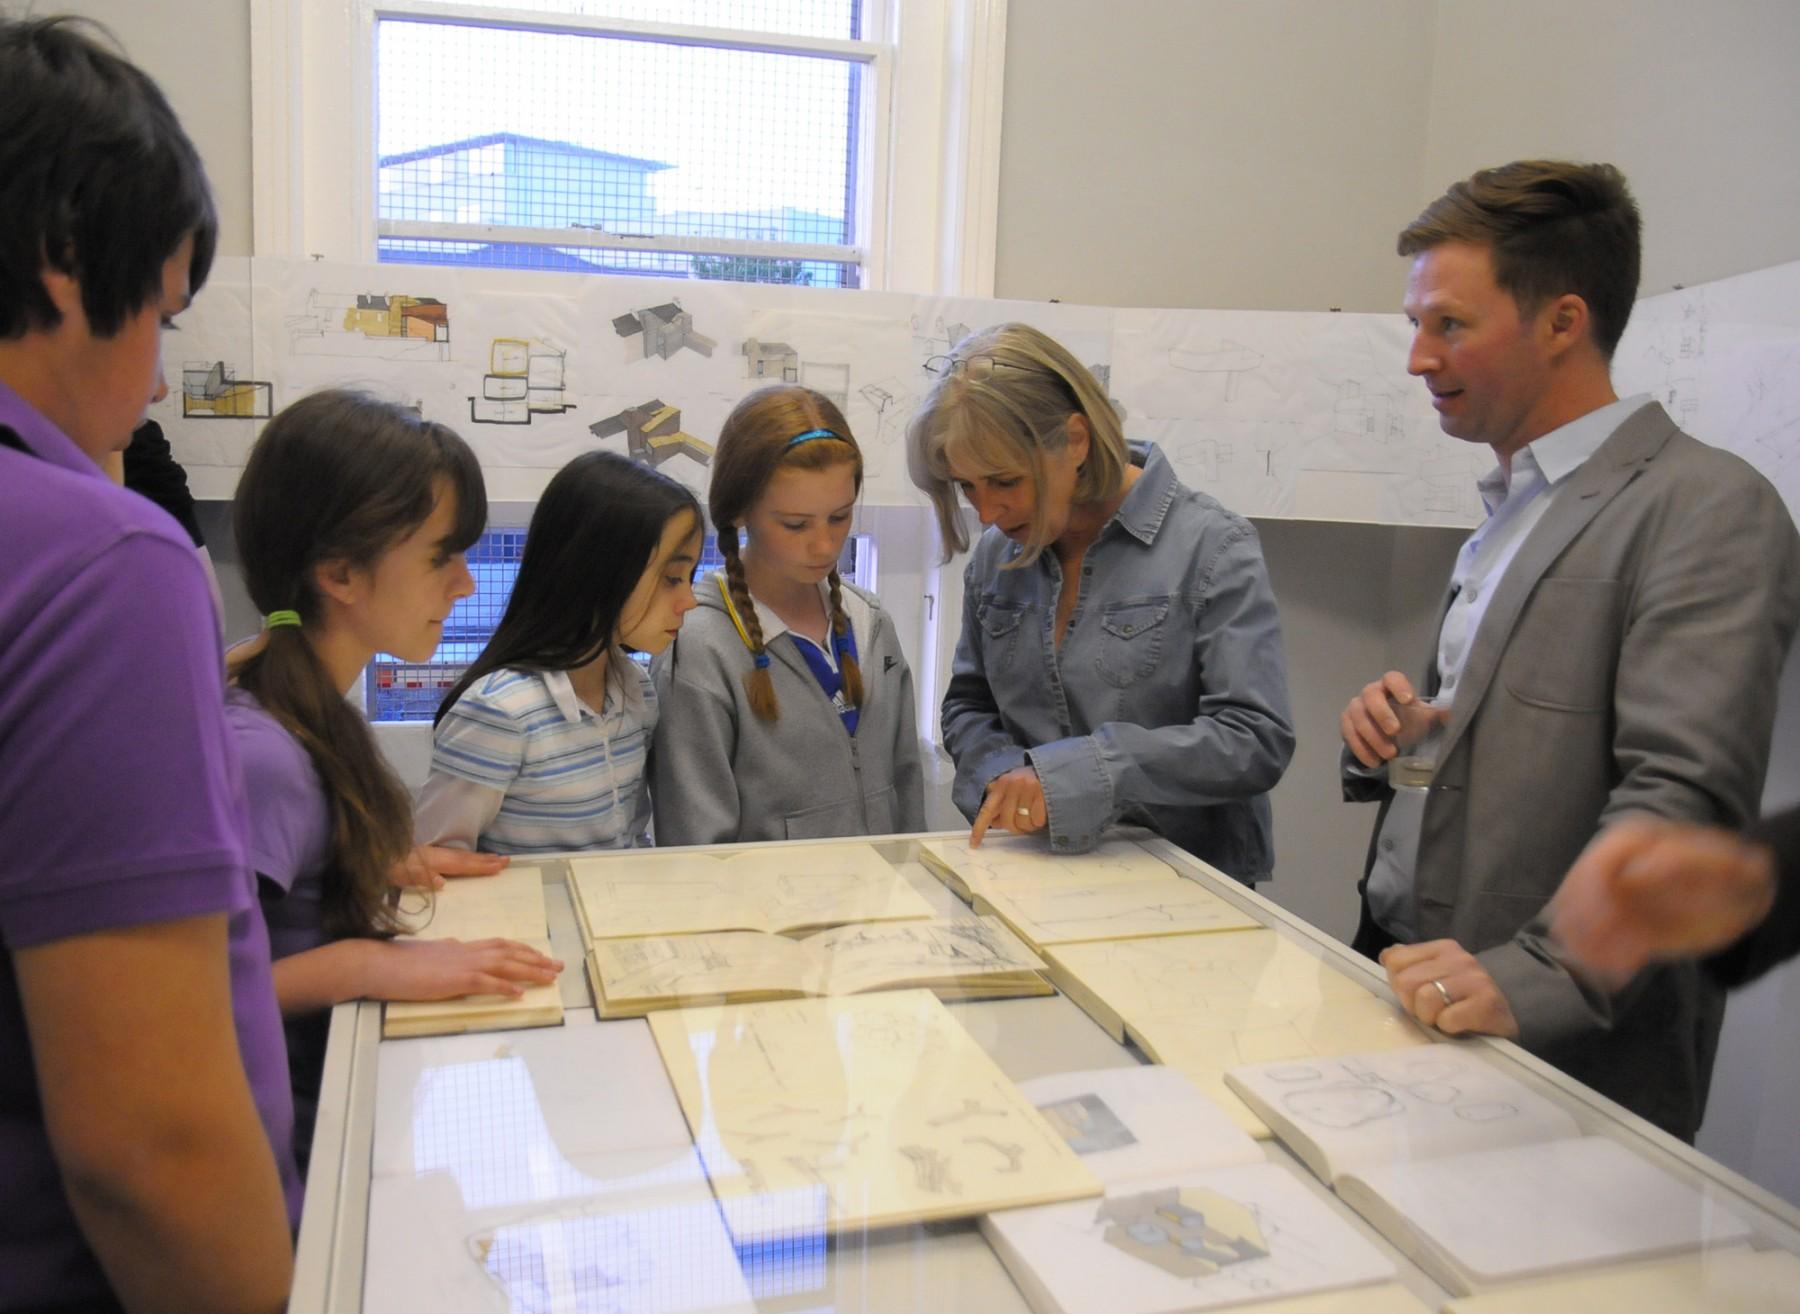 Jamie-Fobert-Architects- C4RD-Exhibition- Architecture-Sketch-Books - children-exhibition